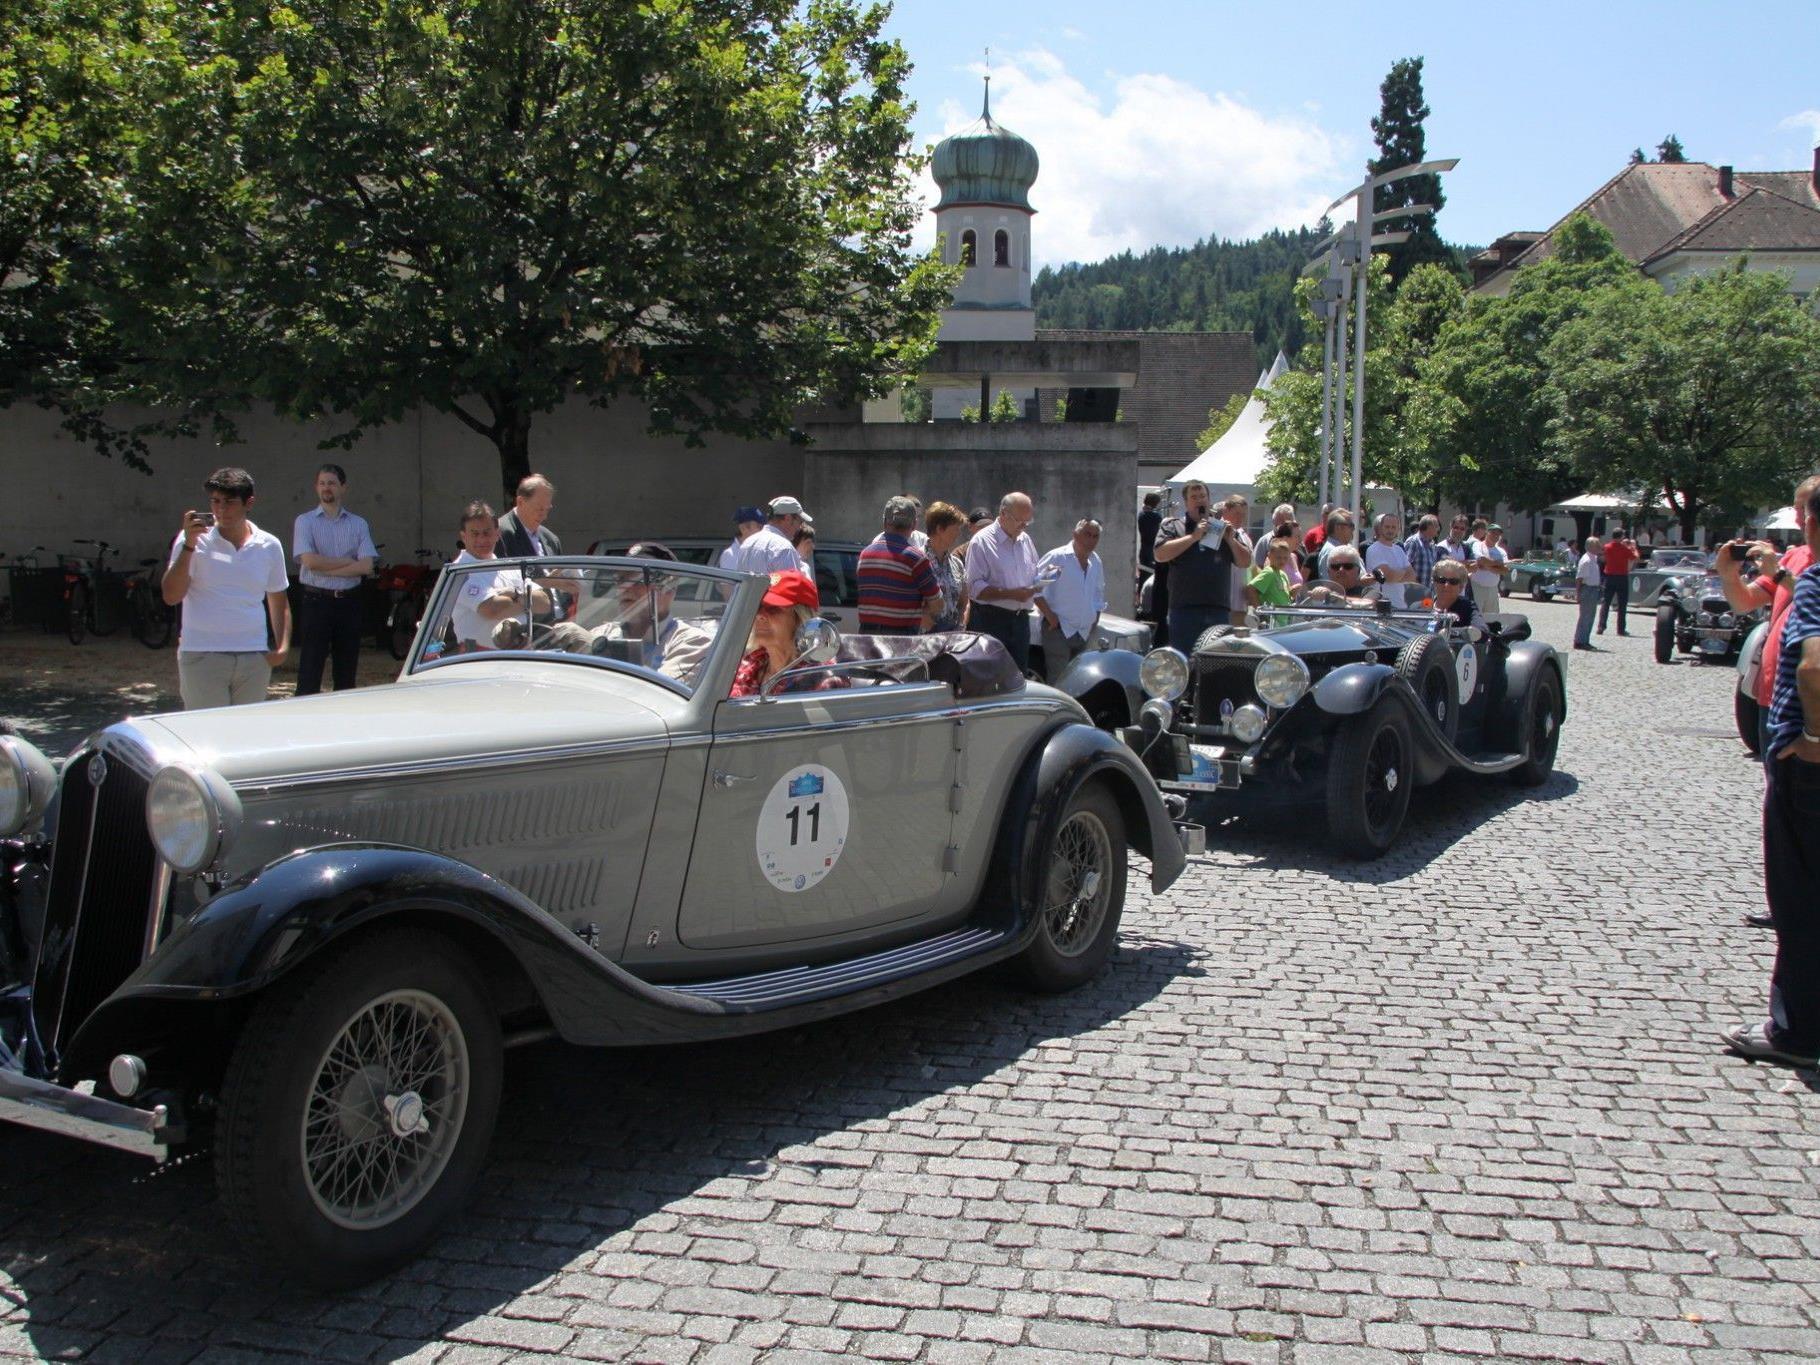 Die Silvretta Classic Rallye ist seit vielen Jahren ein Fixpunkt des Rankweiler Sommers